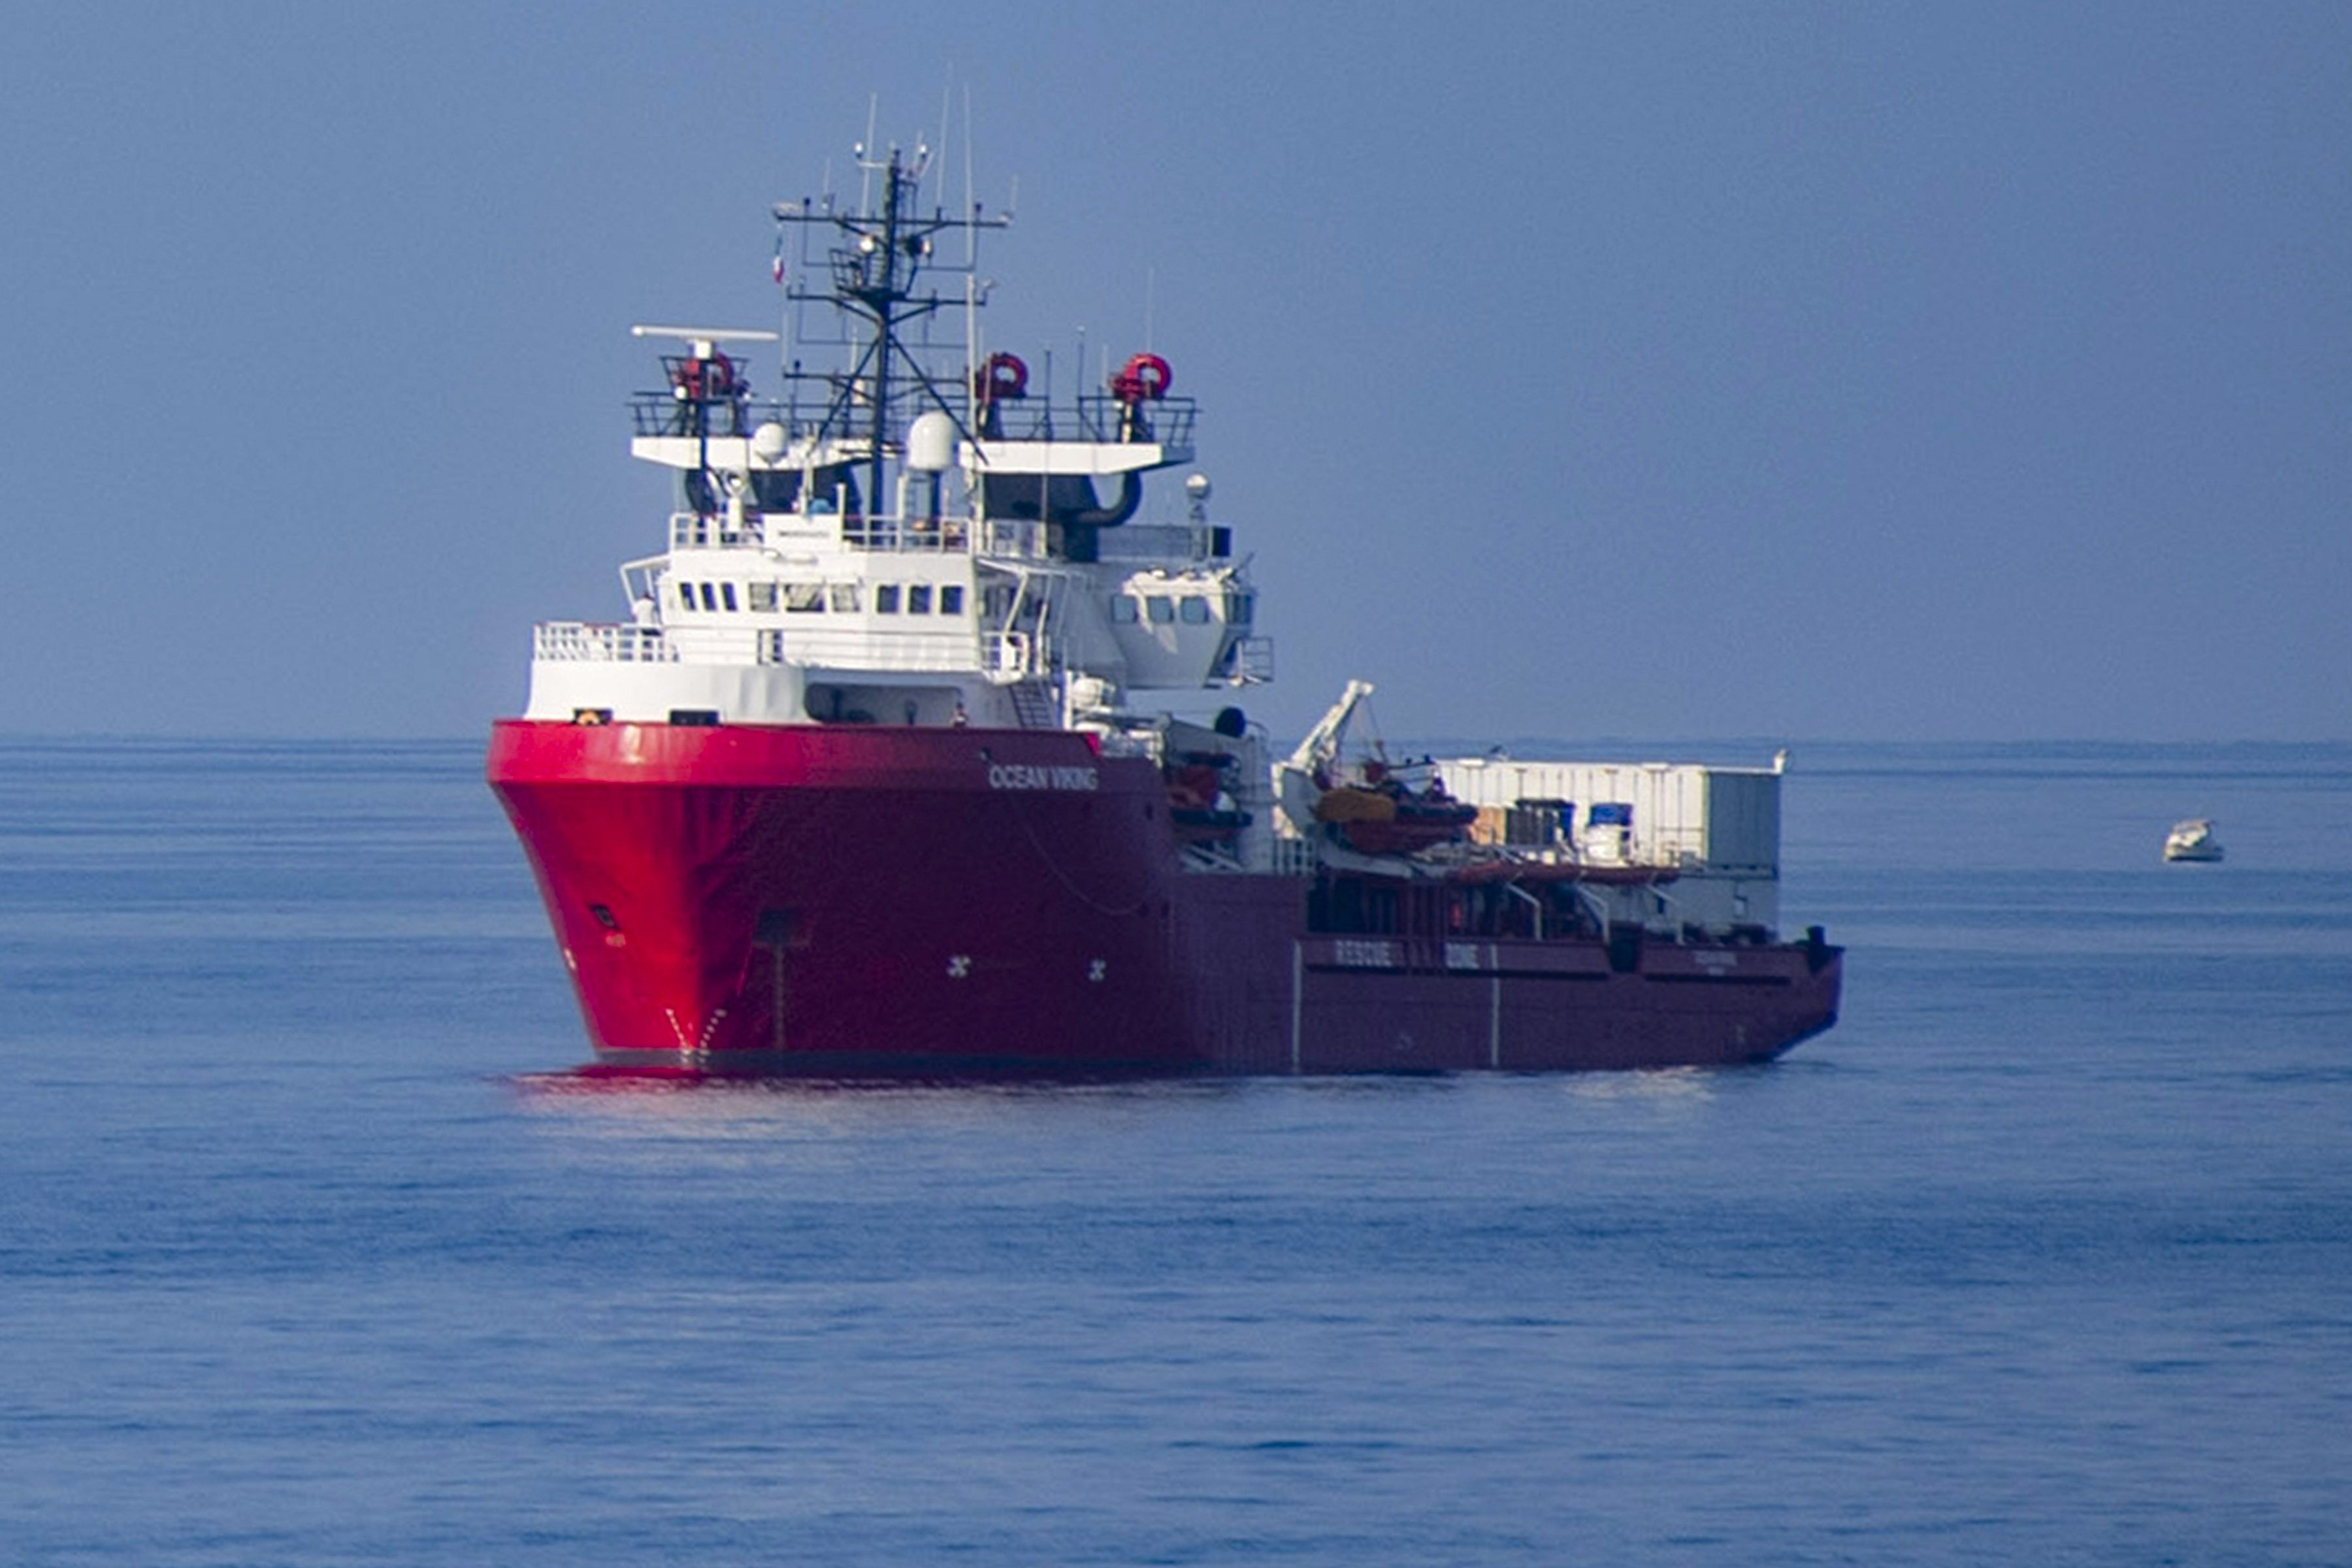 Ocean Viking 180 persone mare 8 giorni migranti minacciano buttarsi dalla nave